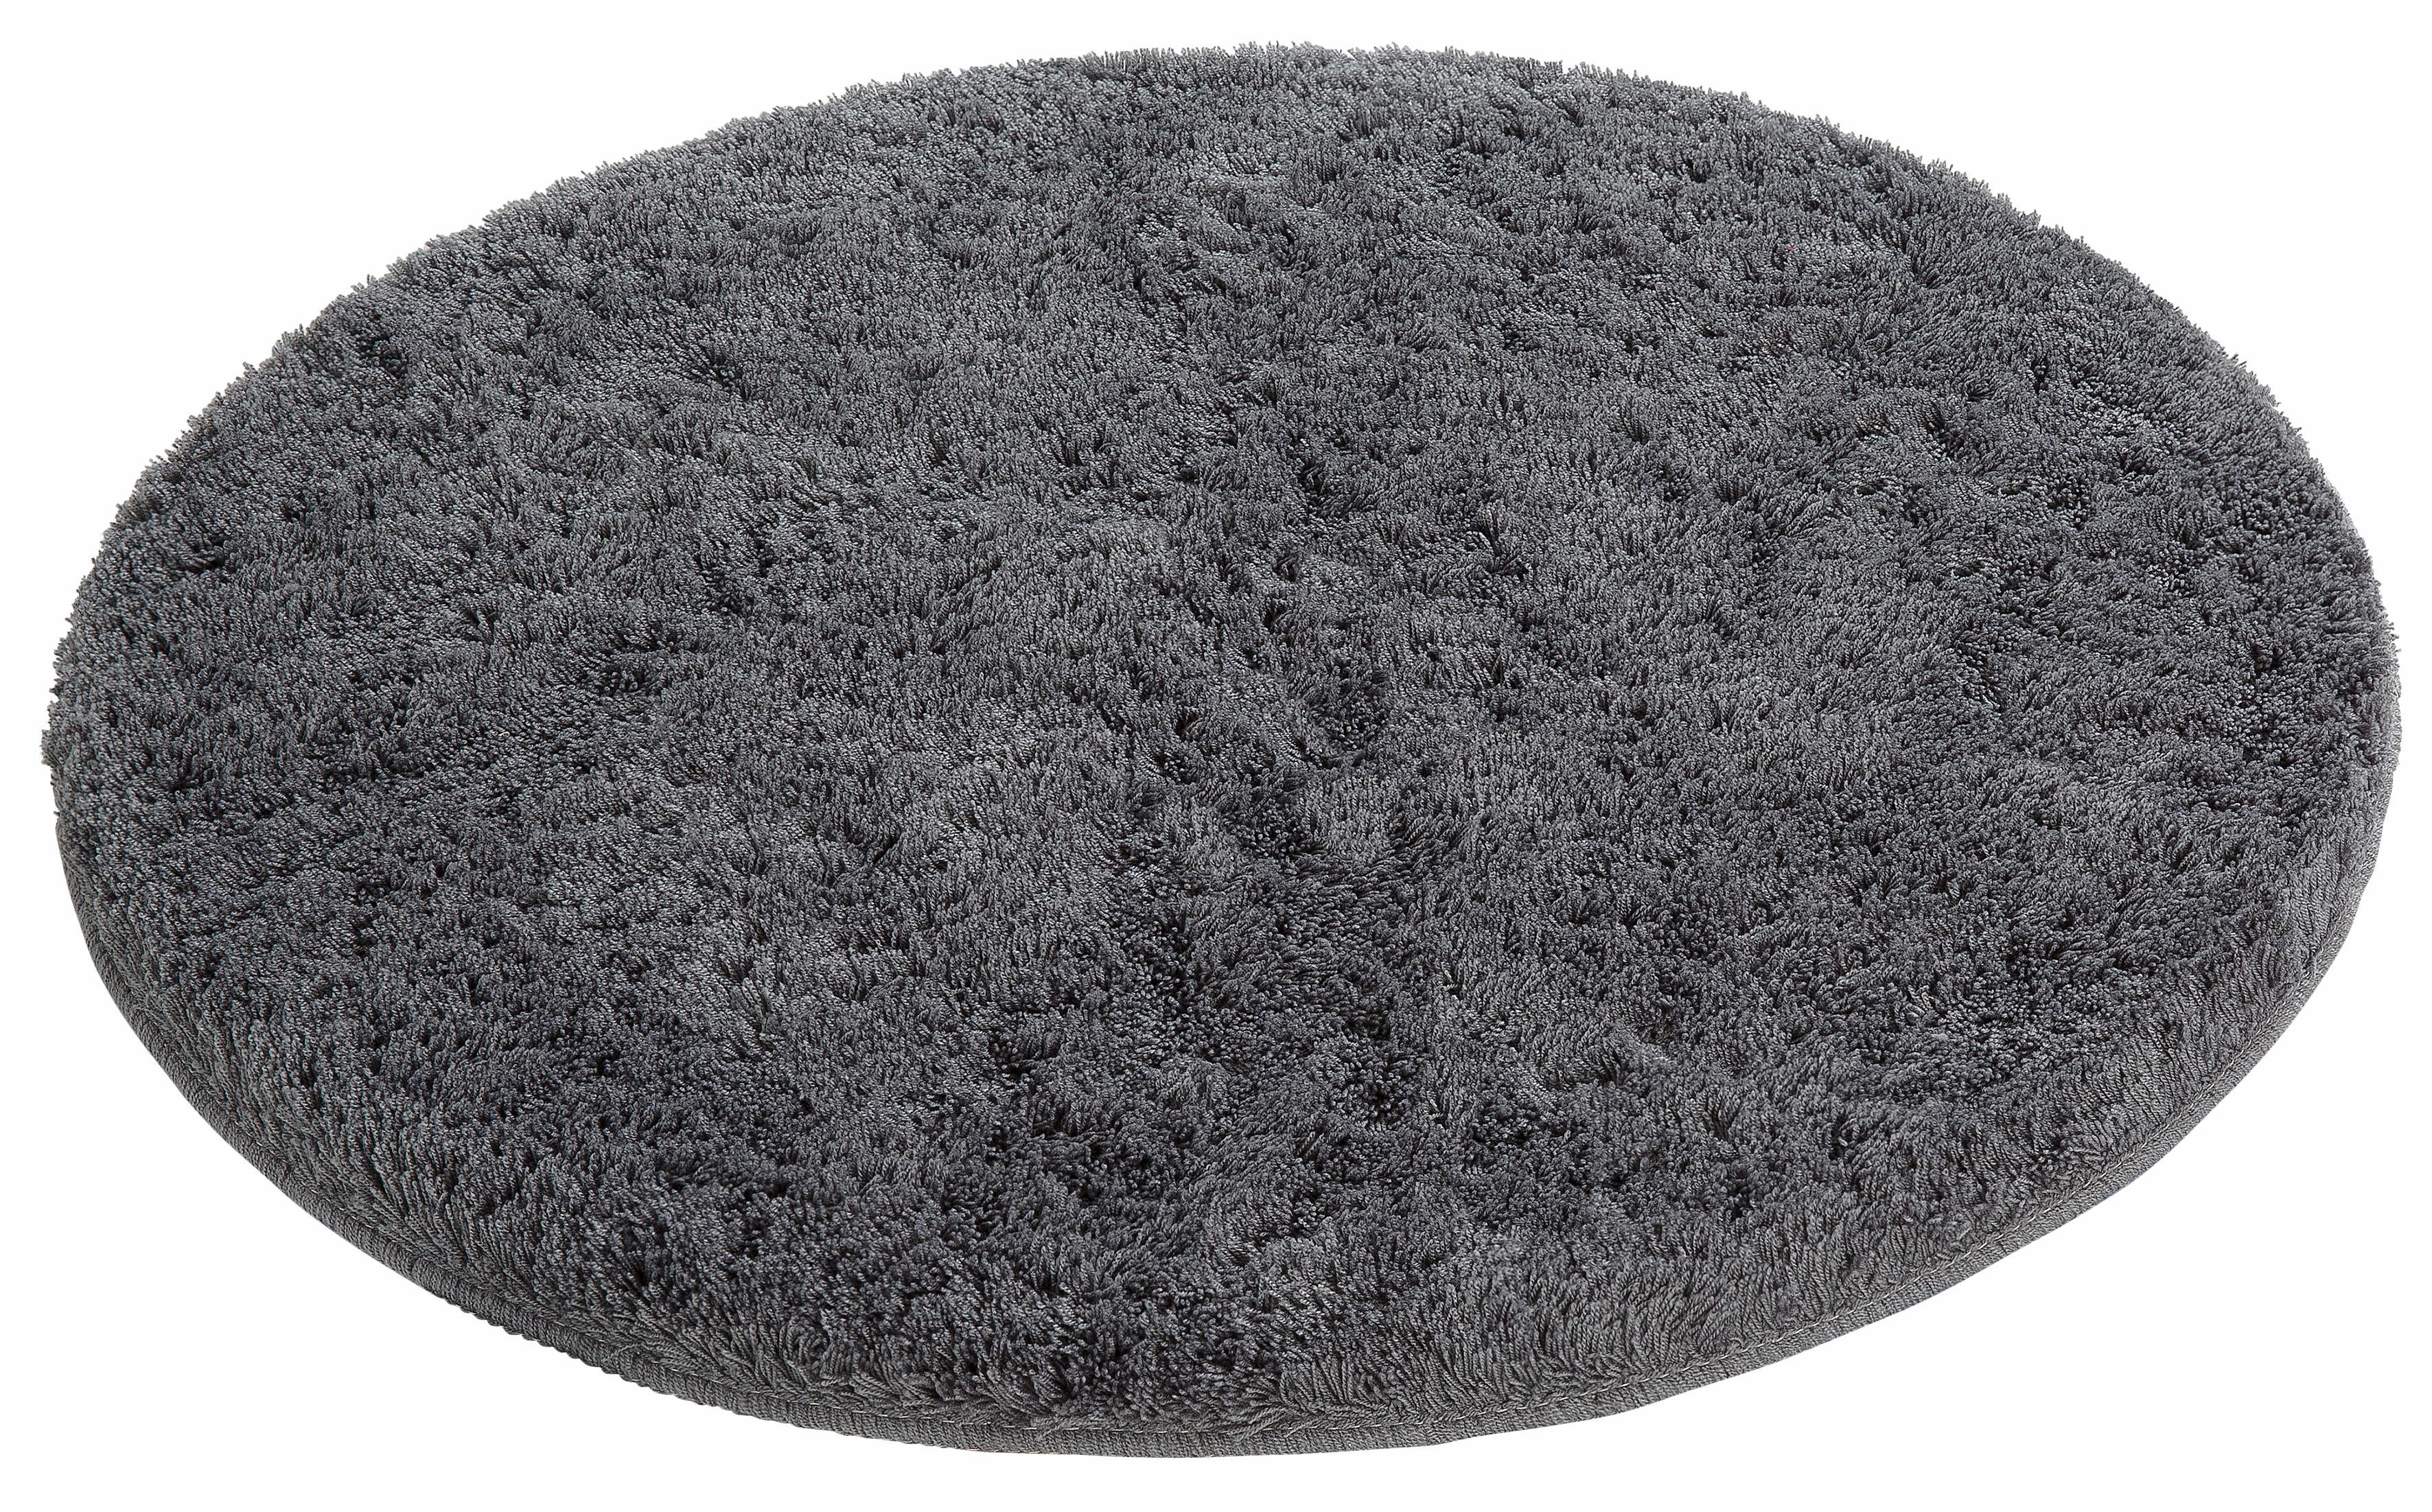 TOPSELLER: Badematte Lana Höhe 25 mm rutschhemmend beschichtet fußbodenheizungsgeeignet Bruno Banani silberfarben 1 (rechteckig 55x50 cm),2 (rechteckig 50x90 cm),3 (rechteckig 60x100 cm),4 (rechteckig 70x110 cm),5 (rechteckig 80x150 cm),6 (rechteckig 90x1